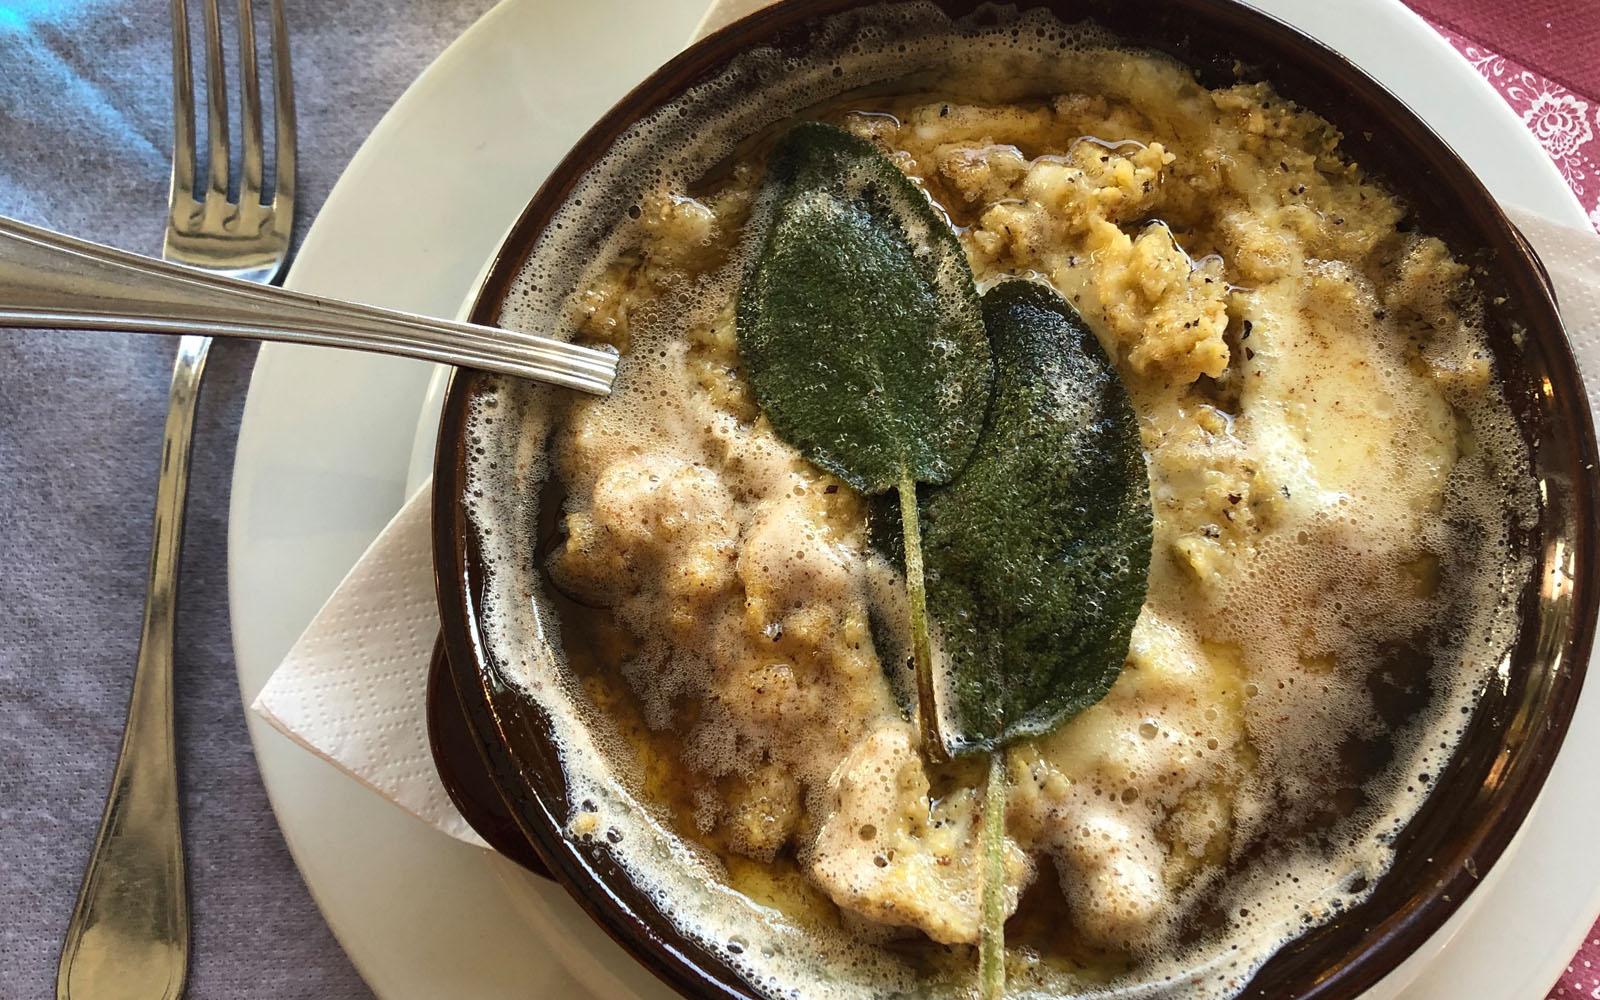 La polenta uncia del ristorante Crotto Dogana in Valle Intelvi. © oltreilbalcone